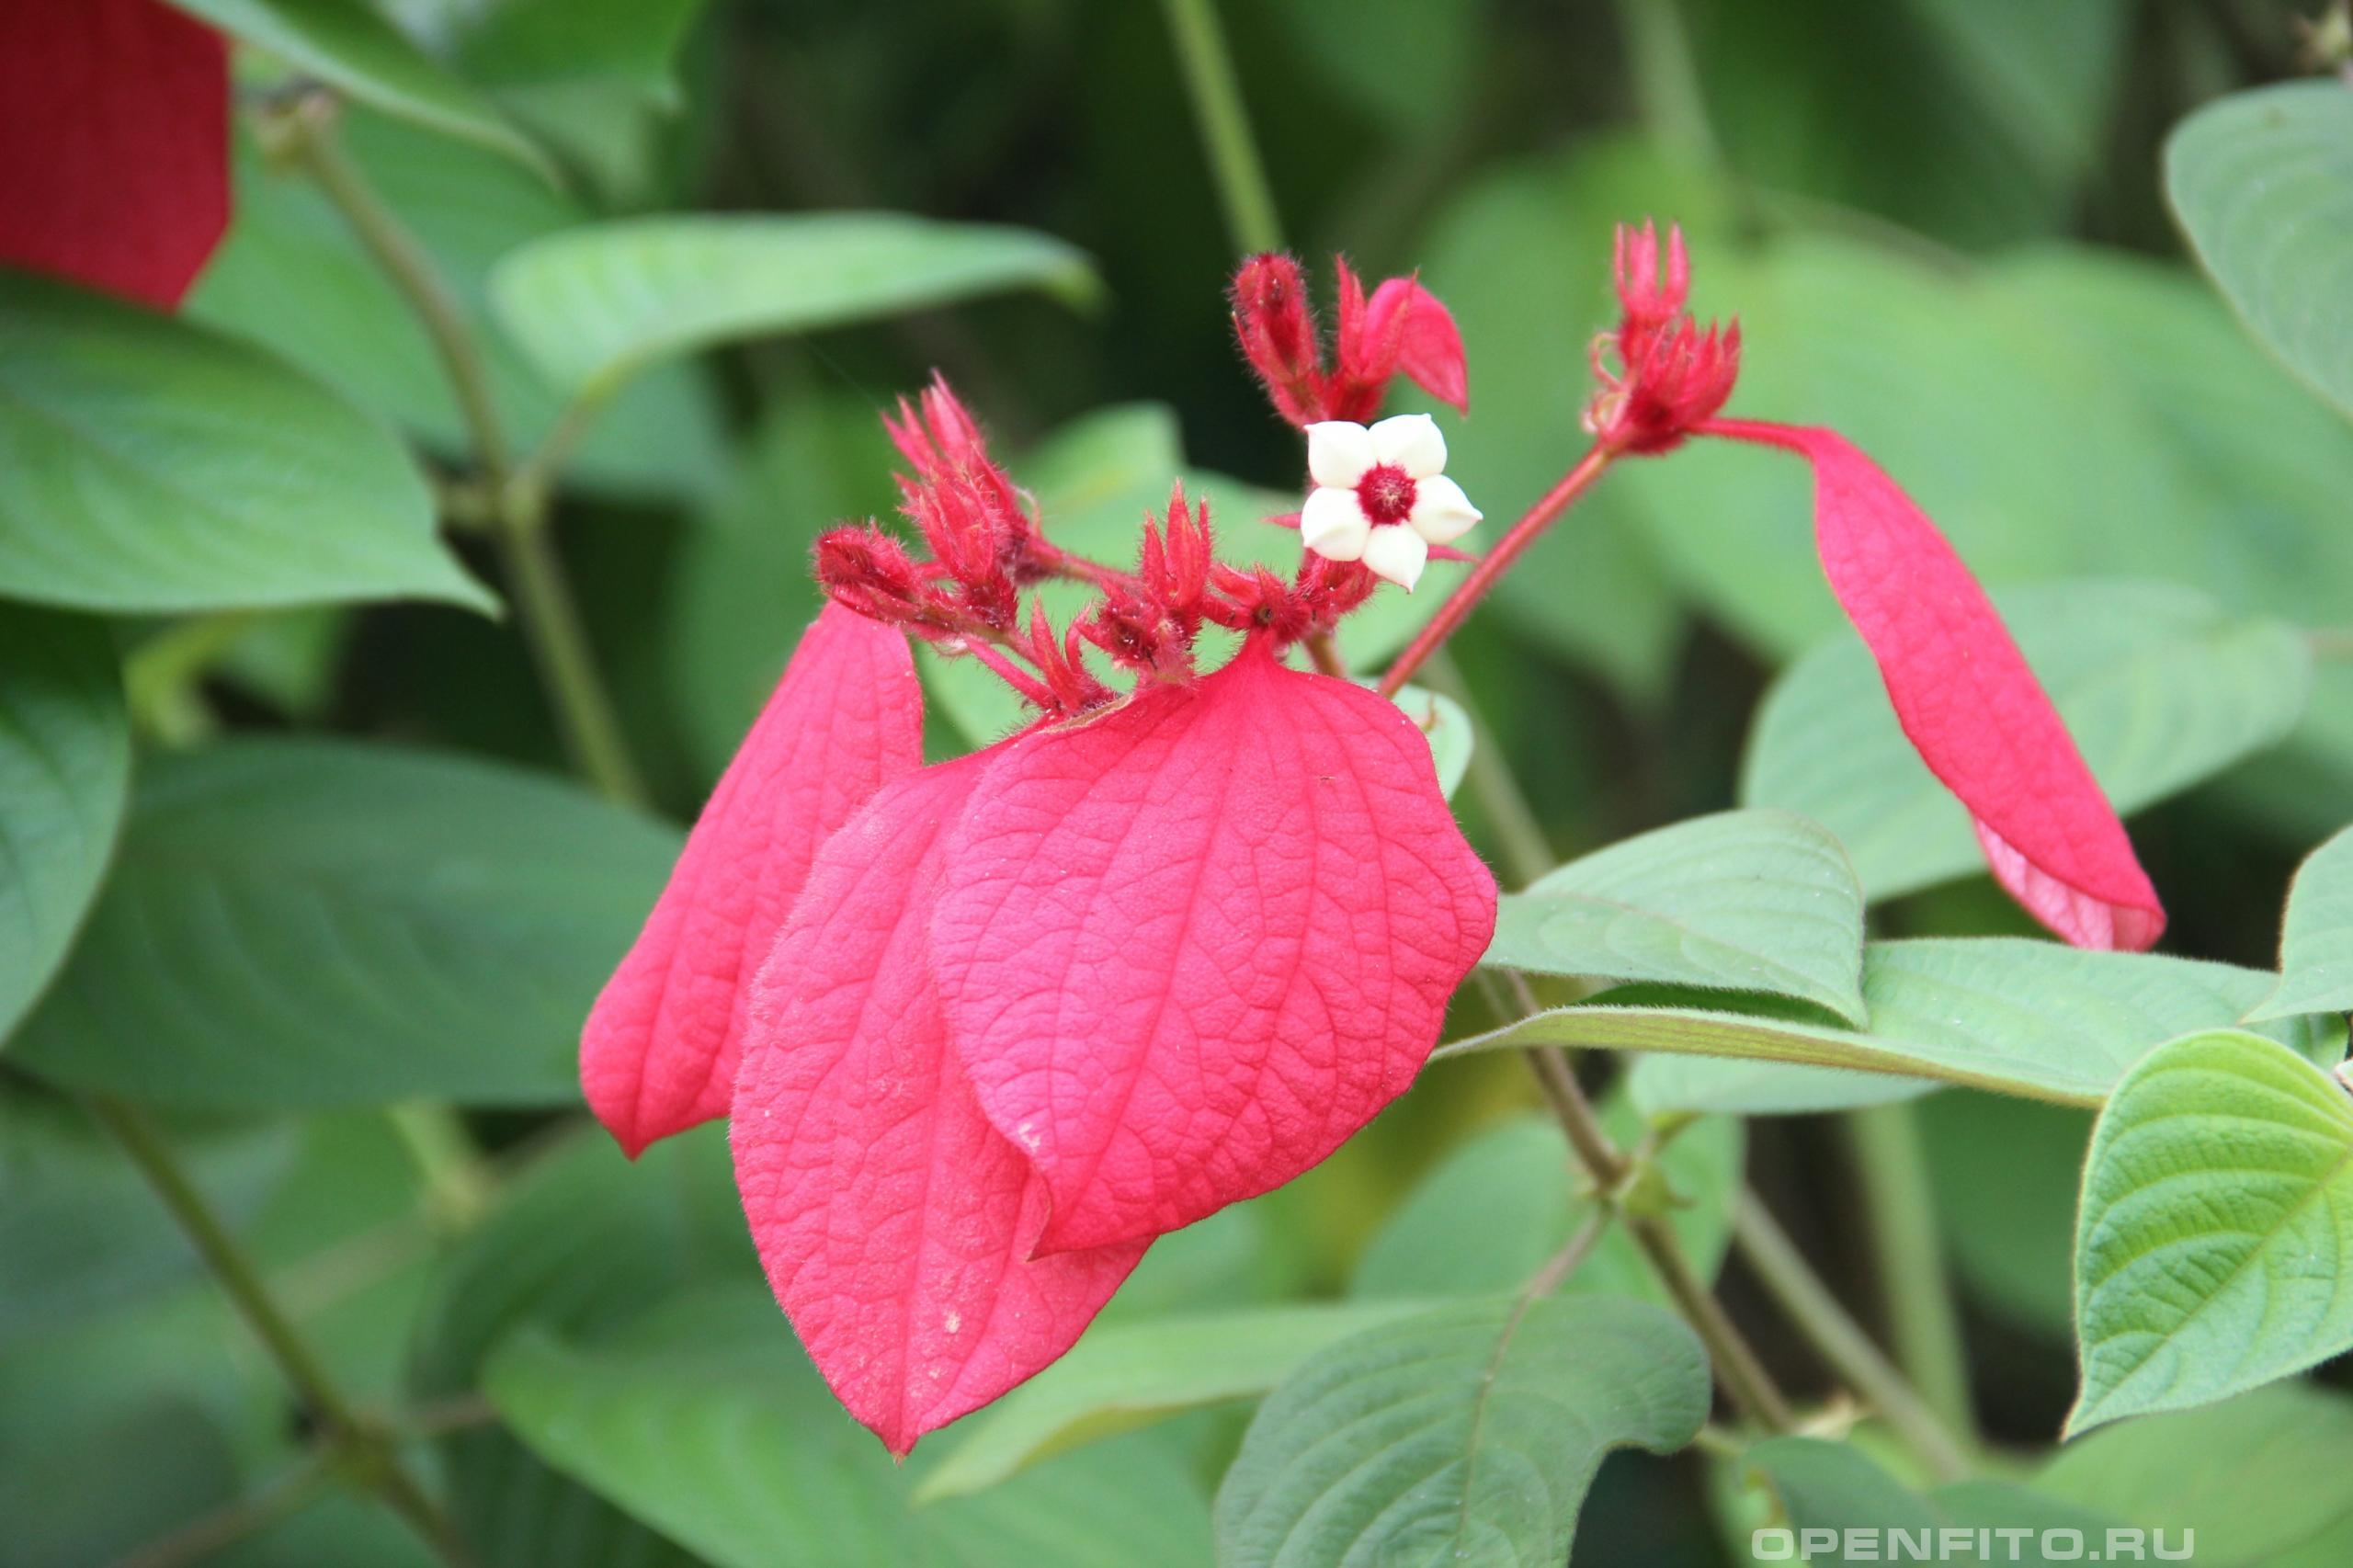 Муссенда филиппинская тропическое растение